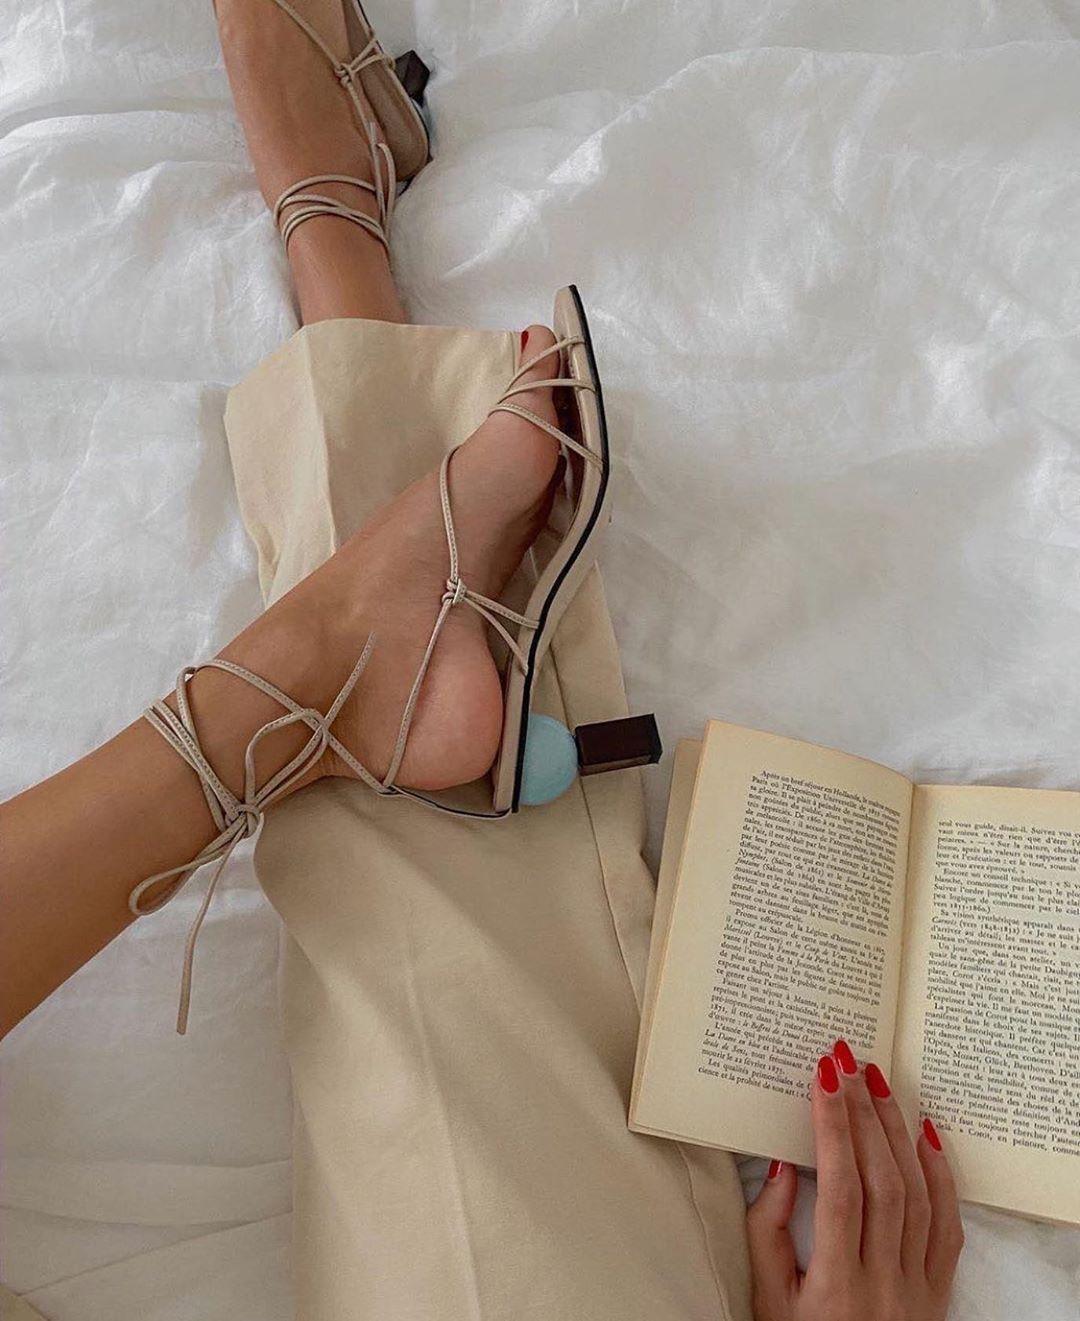 Lace up sandals, Shoes, Heels